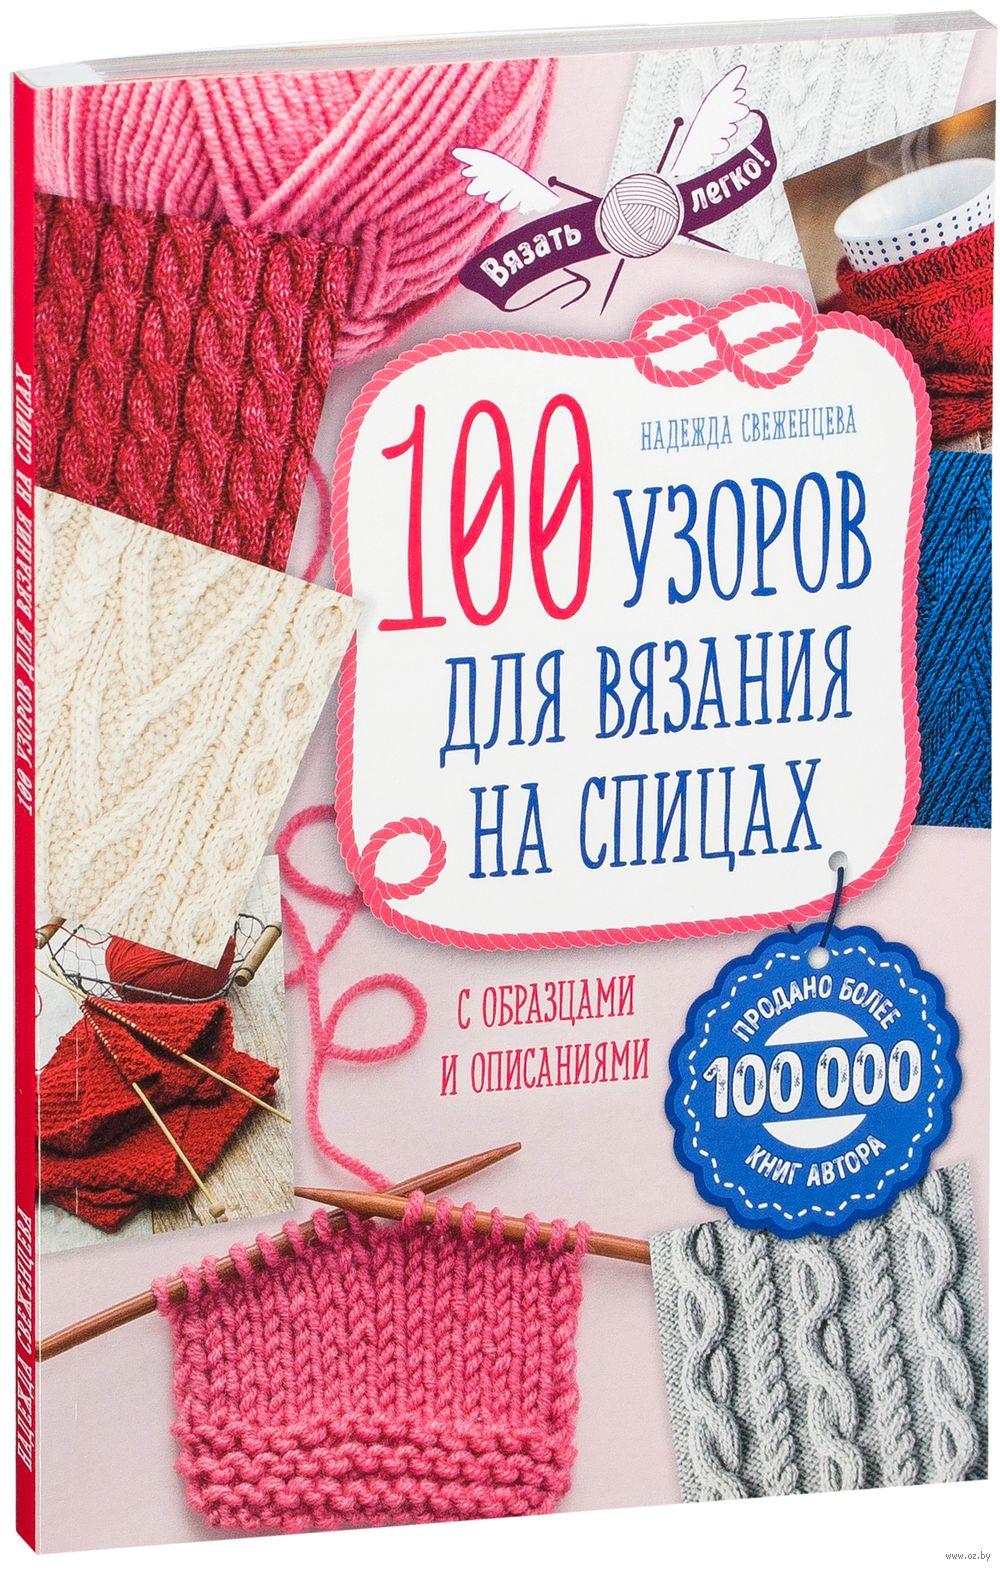 штефани ван дер линден вязание на спицах скачать бесплатно